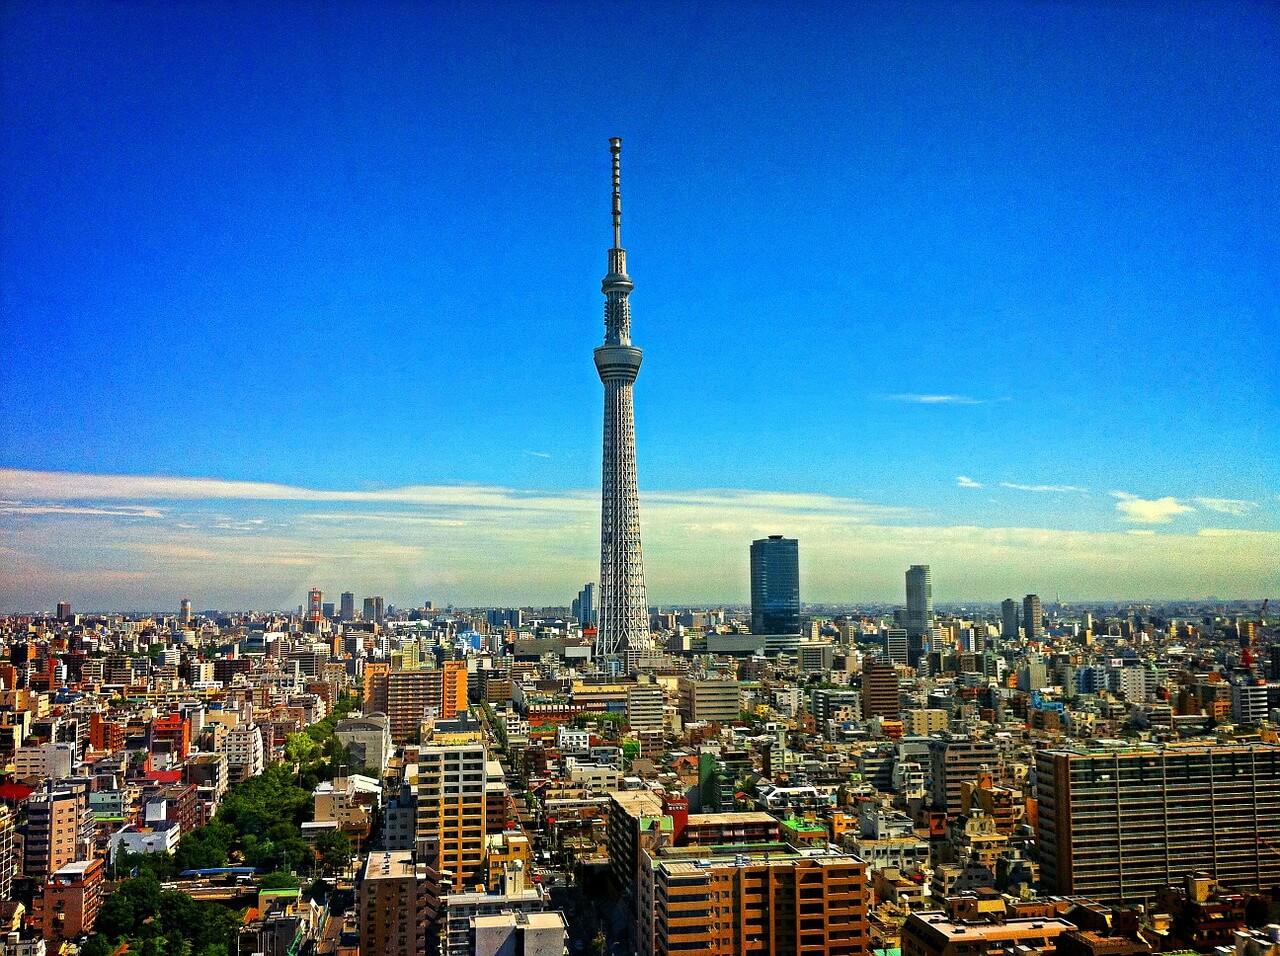 タクシー新人研修2日目の地理試験対策について4話目